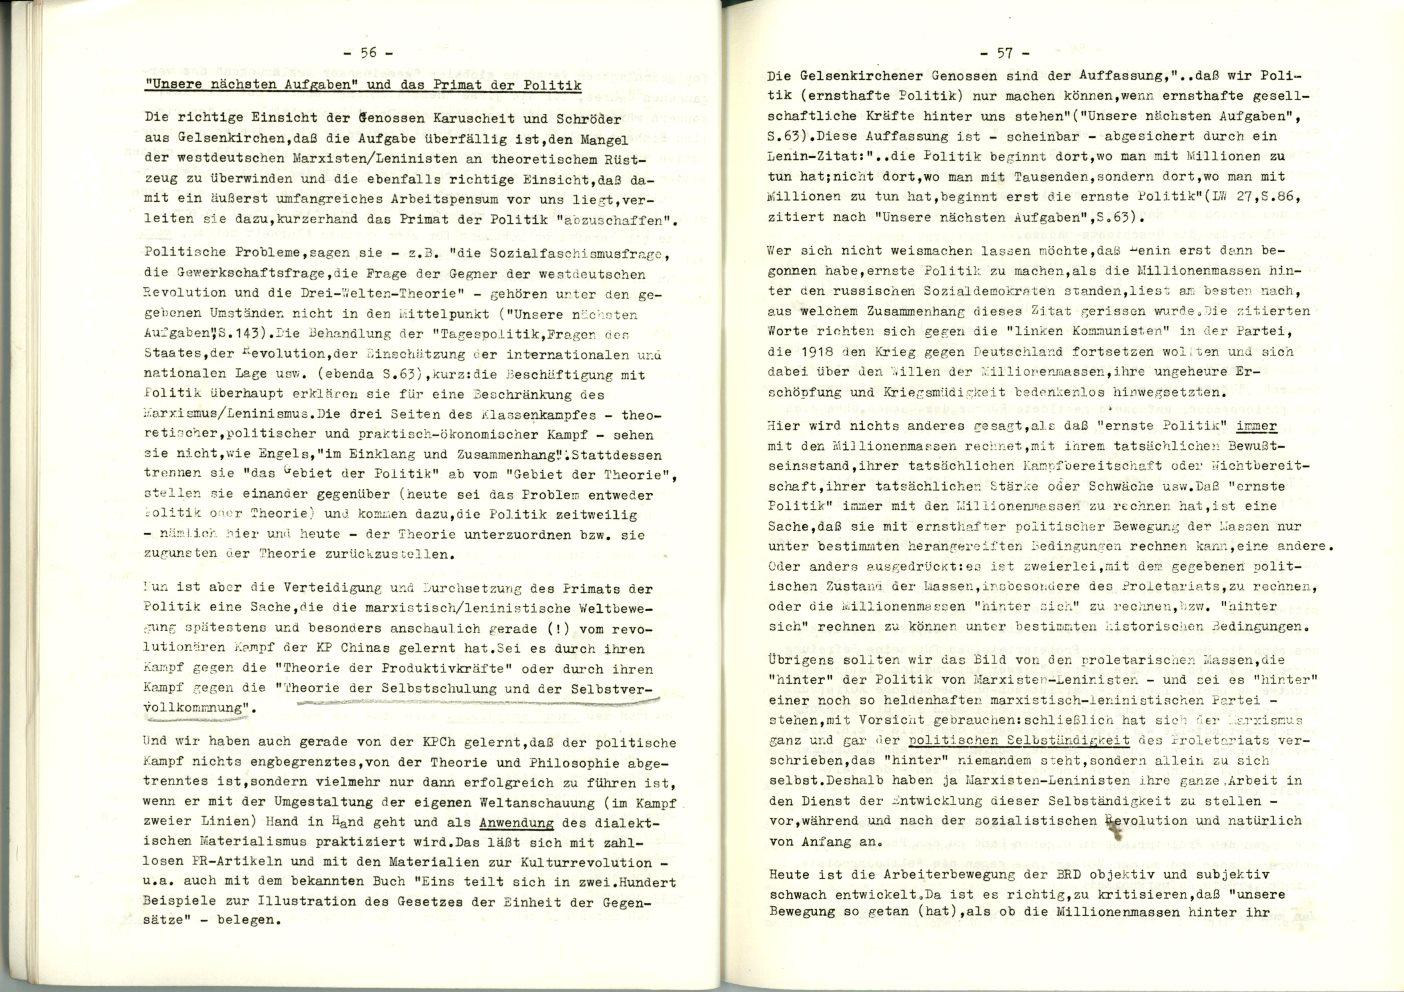 Nuernberg_Fuerth_Erlangen_ML_Diskussionsbeitraege_1979_02_29